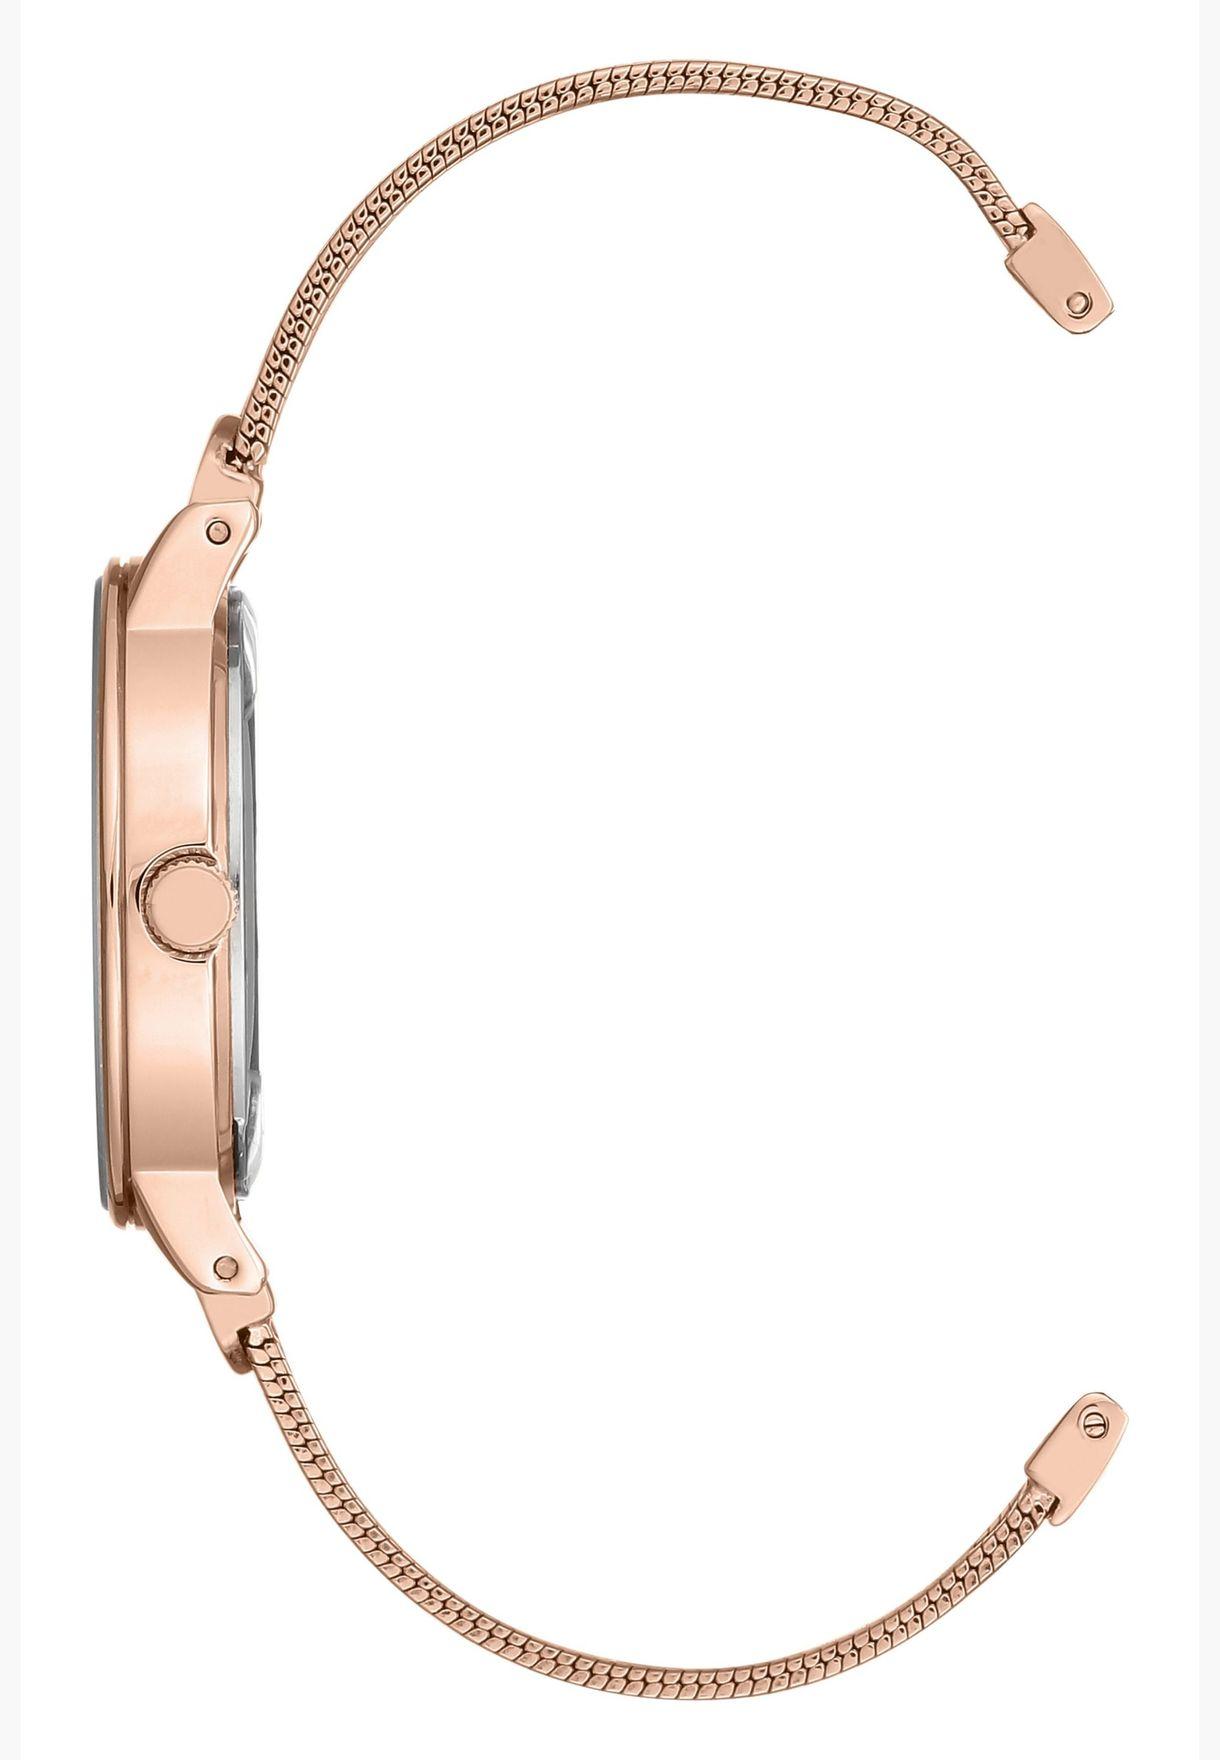 Anne Klein Trend Steel Strap Watch for Women - AK3222RMRG